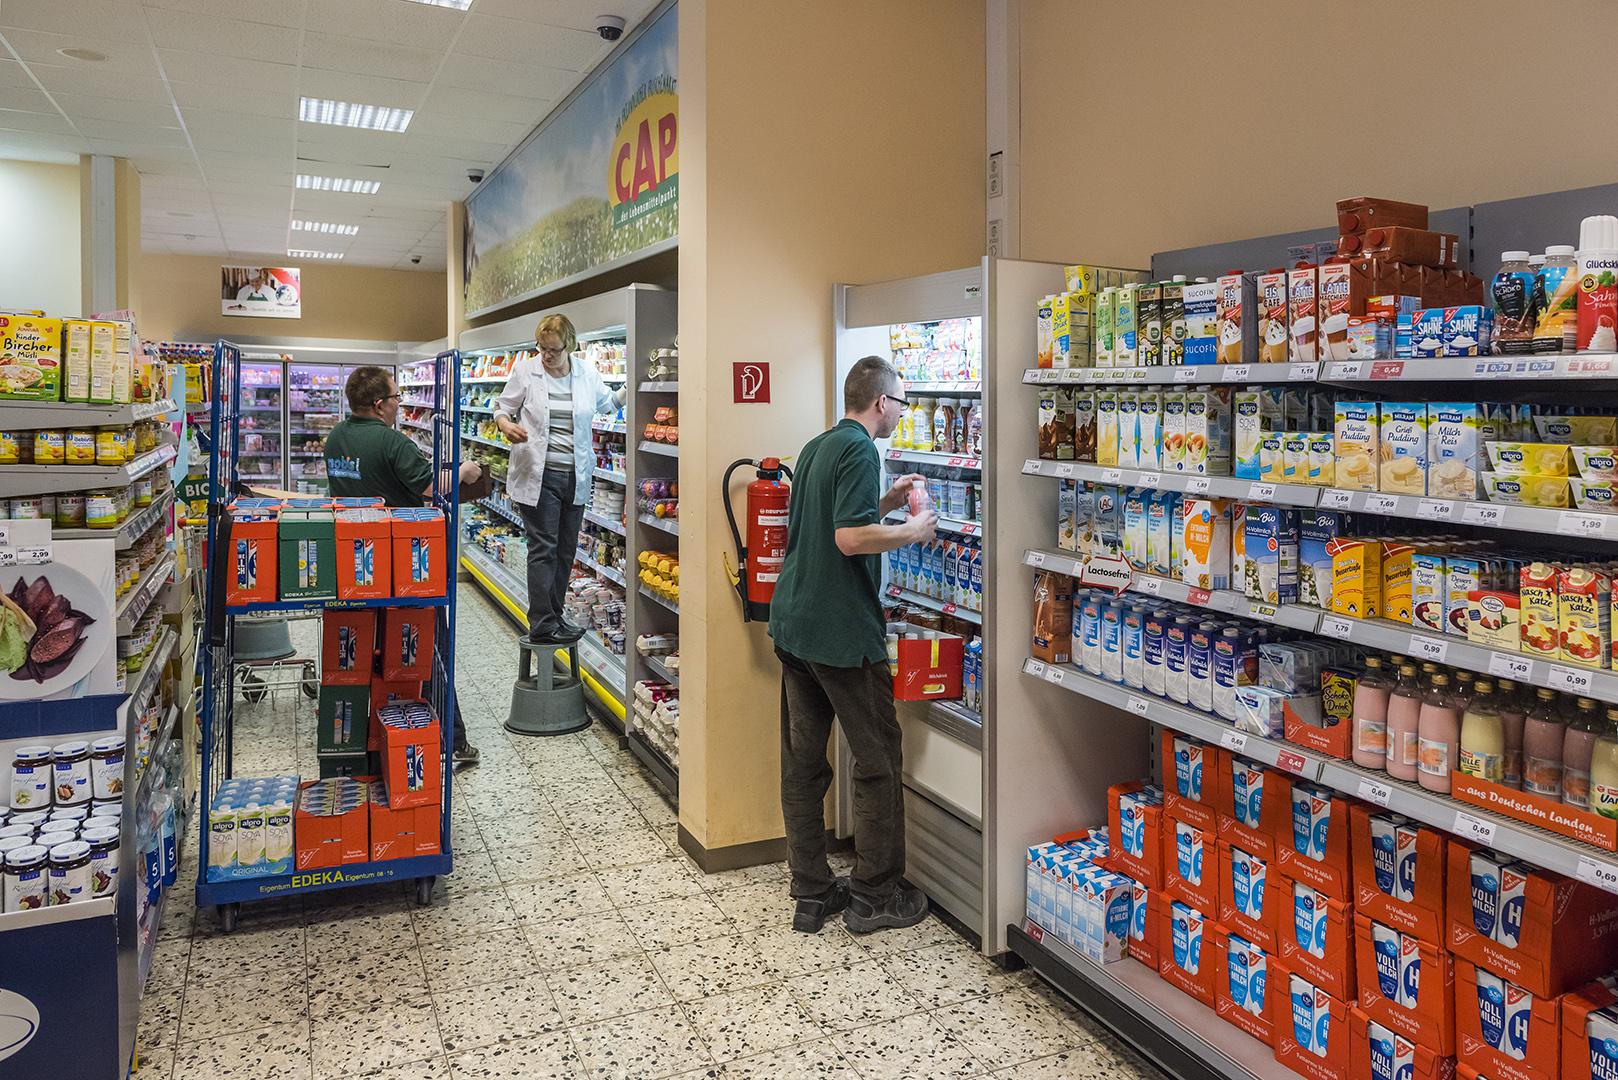 Sascha Miericke (vorne), Mitarbeiter im CAP-Markt, und die Filialleiterin, Christa Noack (auf der Stufe). Berlin-Lichtenberg, 31.04.2017